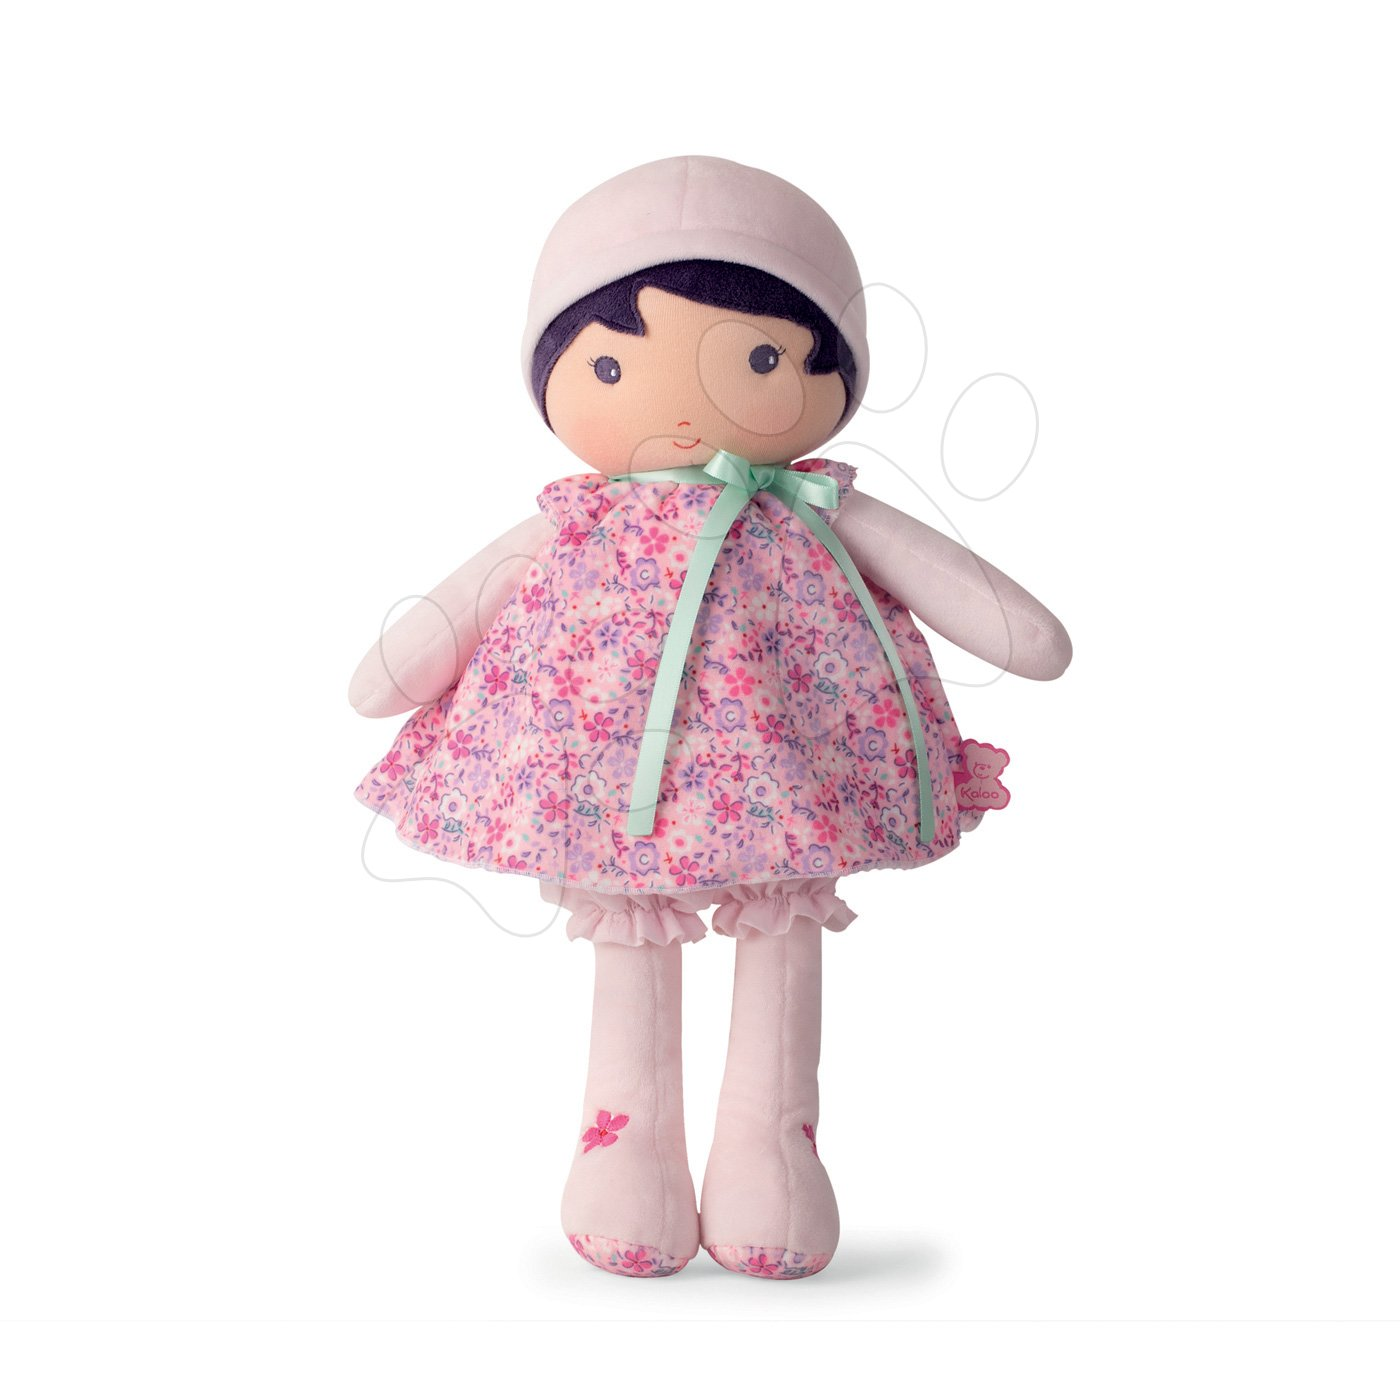 Bábika pre bábätká Fleur K Tendresse Kaloo 40 cm v kvetinkových šatách z jemného textilu v darčekovom balení